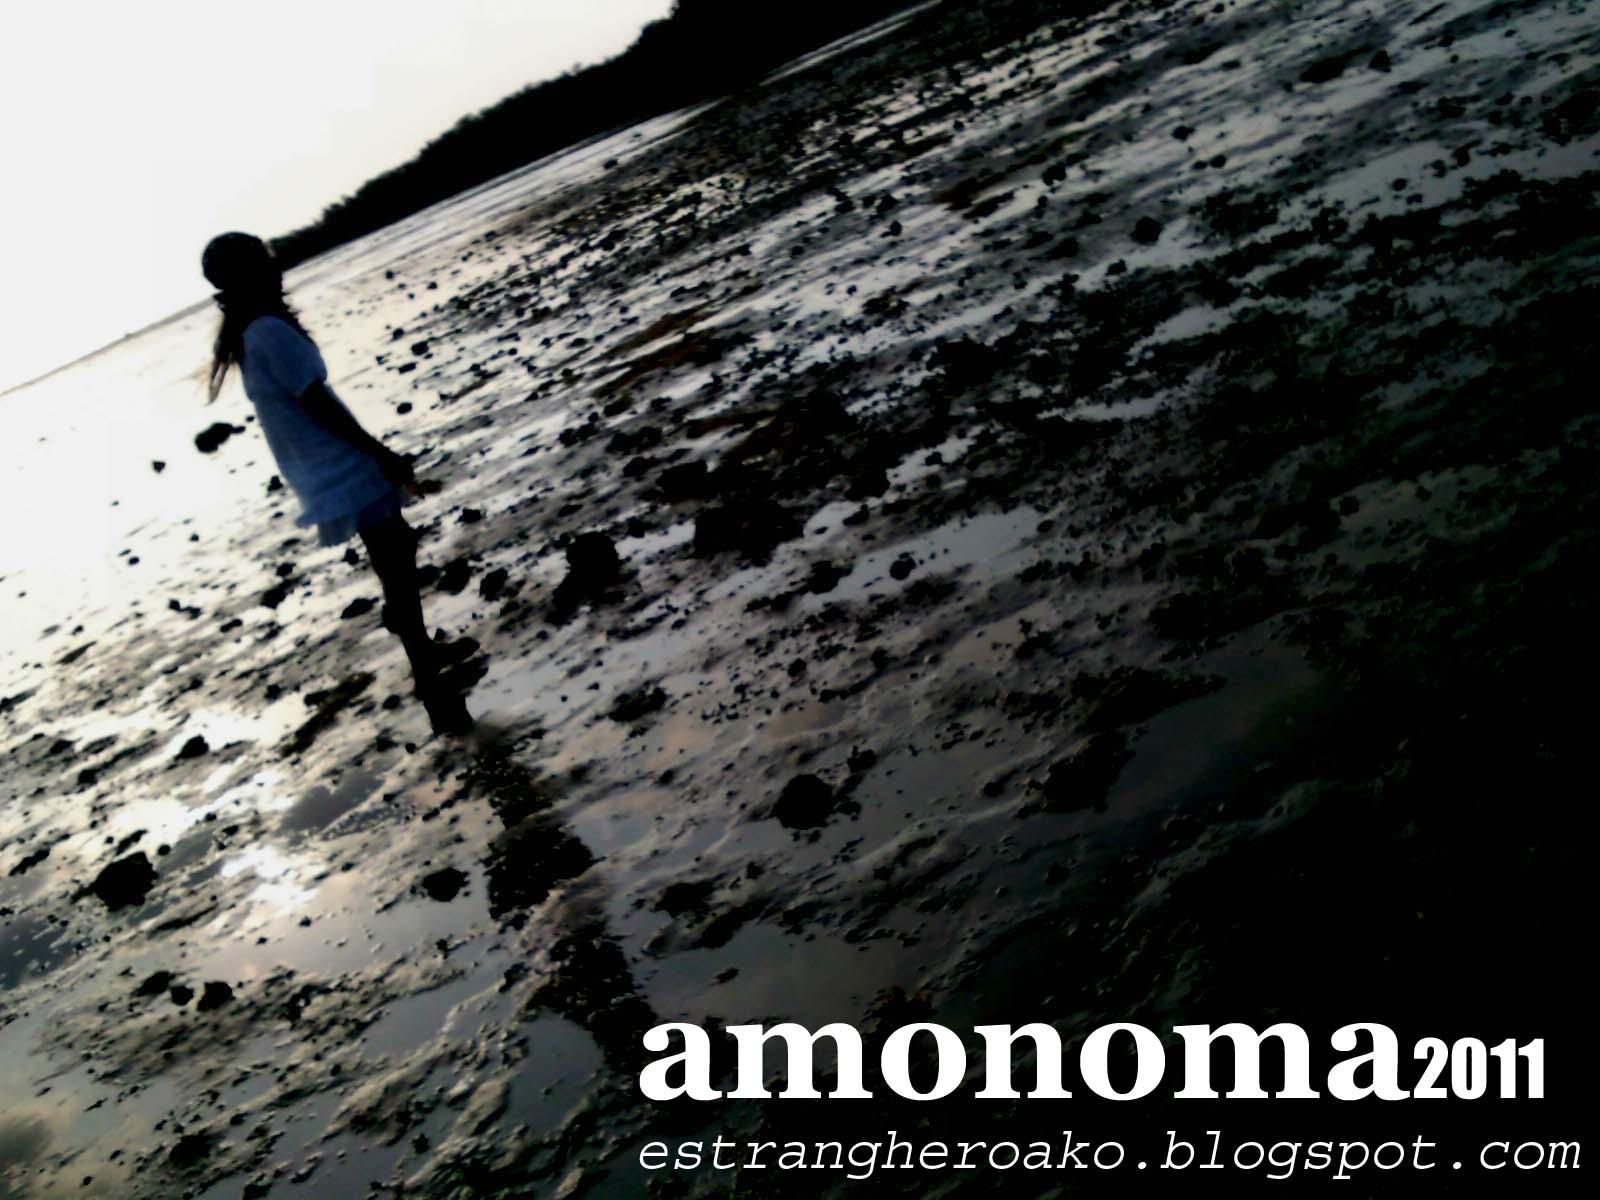 http://1.bp.blogspot.com/-3UYVPP1lwEk/TbQffFV3JbI/AAAAAAAAAAY/wkinoD_iQSk/s1600/dreamgirl.jpg